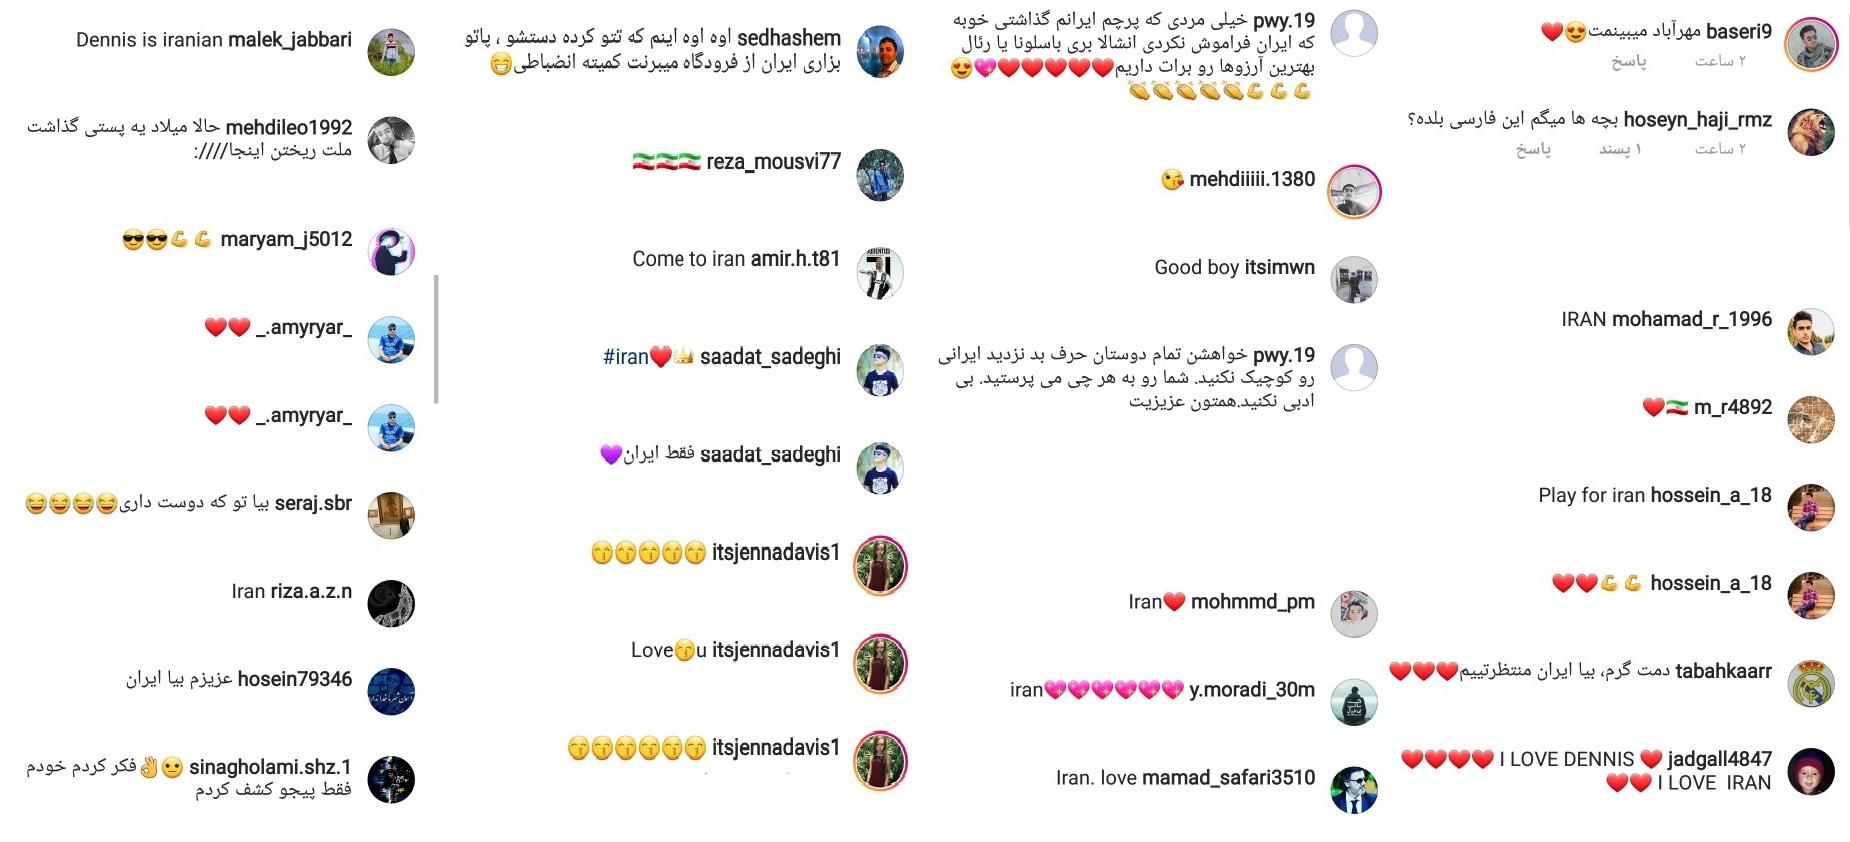 هجوم هواداران فوتبالدوست ایرانی به اینستاگرام بازیکن لالیگایی؛ به ایران بیا!/////